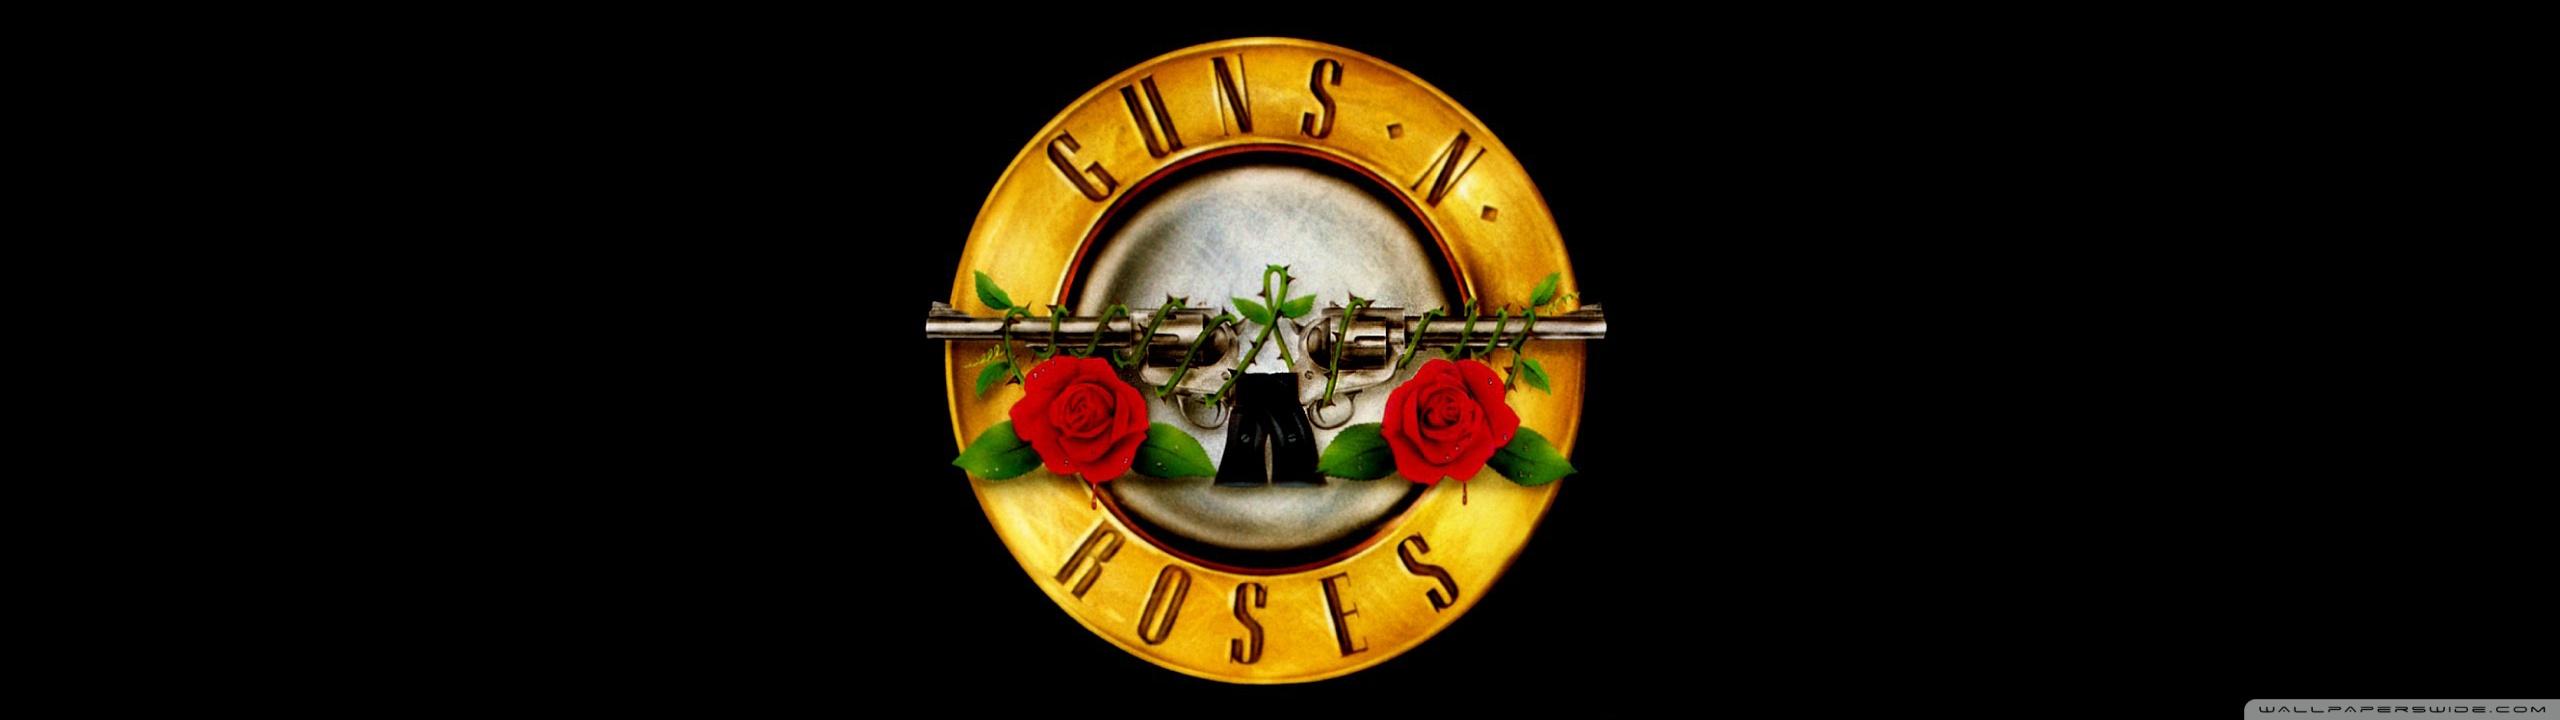 Guns n Roses Logo HD HD desktop wallpaper Widescreen 2560x720